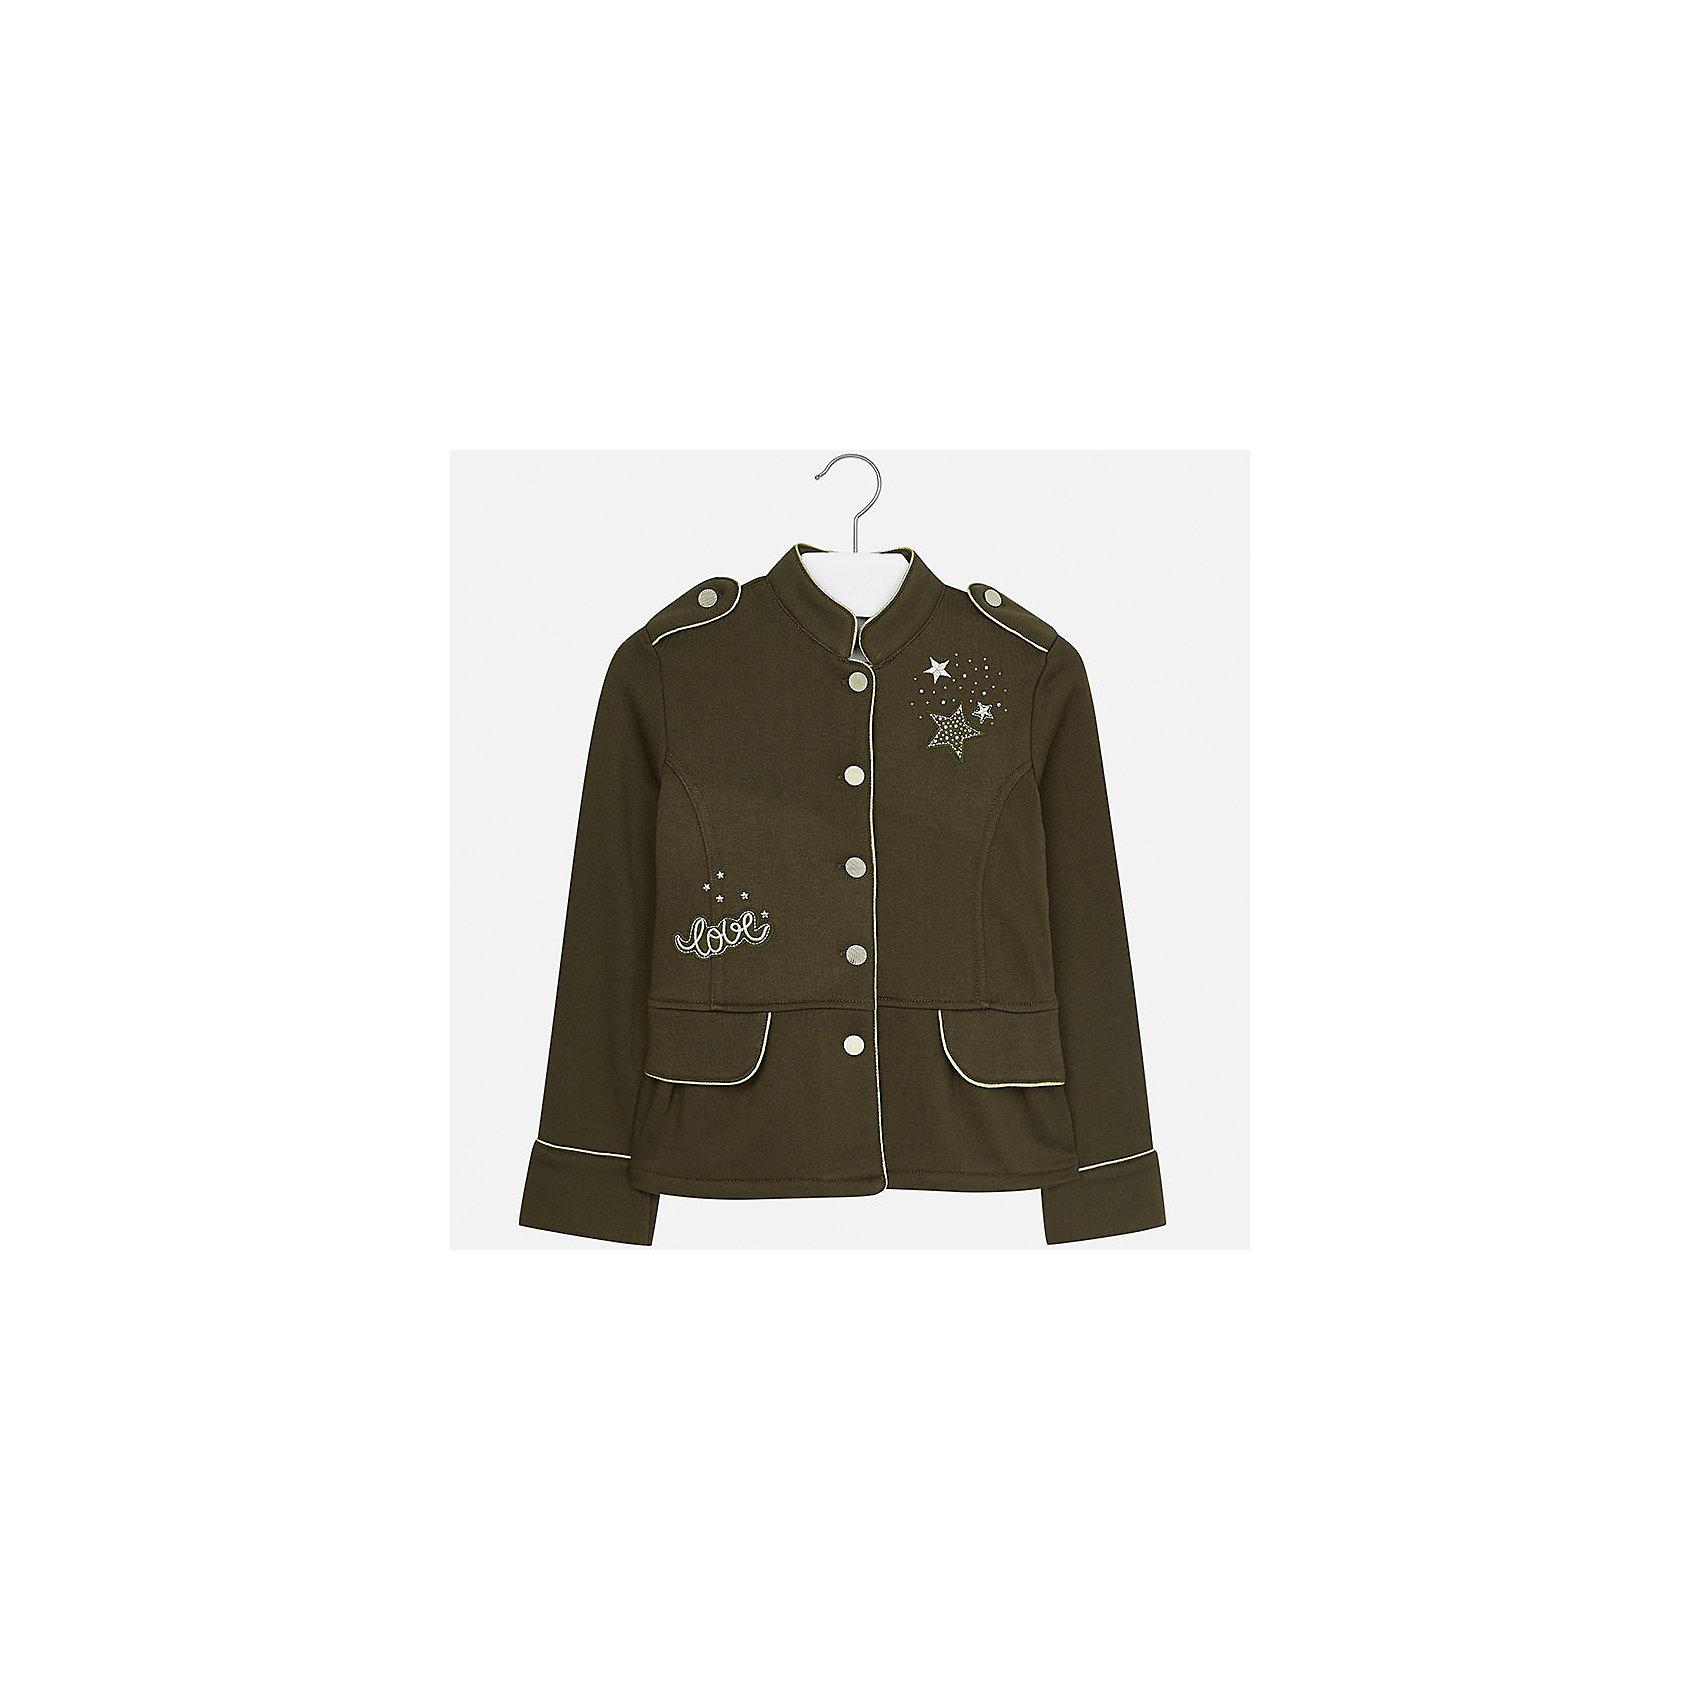 Пиджак Mayoral для девочкиКостюмы и пиджаки<br>Характеристики товара:<br><br>• цвет: зеленый<br>• состав ткани: 65% полиэстер, 35% хлопок<br>• застежка: пуговицы<br>• стразы<br>• длинные рукава<br>• сезон: демисезон<br>• страна бренда: Испания<br>• страна изготовитель: Китай<br><br>Пиджак может быть не только строгим, эта модель выполнена в одном из моднейших оттенков наступающего сезона, отличается эффектной отделкой вышивкой и стразами. Отличный способ обеспечить ребенку тепло и комфорт - надеть стильный пиджак от Mayoral. <br><br>Для производства детской одежды популярный бренд Mayoral использует только качественную фурнитуру и материалы. Оригинальные и модные вещи от Майорал неизменно привлекают внимание и нравятся детям.<br><br>Пиджак для девочки Mayoral (Майорал) можно купить в нашем интернет-магазине.<br><br>Ширина мм: 190<br>Глубина мм: 74<br>Высота мм: 229<br>Вес г: 236<br>Цвет: зеленый<br>Возраст от месяцев: 168<br>Возраст до месяцев: 180<br>Пол: Женский<br>Возраст: Детский<br>Размер: 170,128/134,140,152,158,164<br>SKU: 6921982